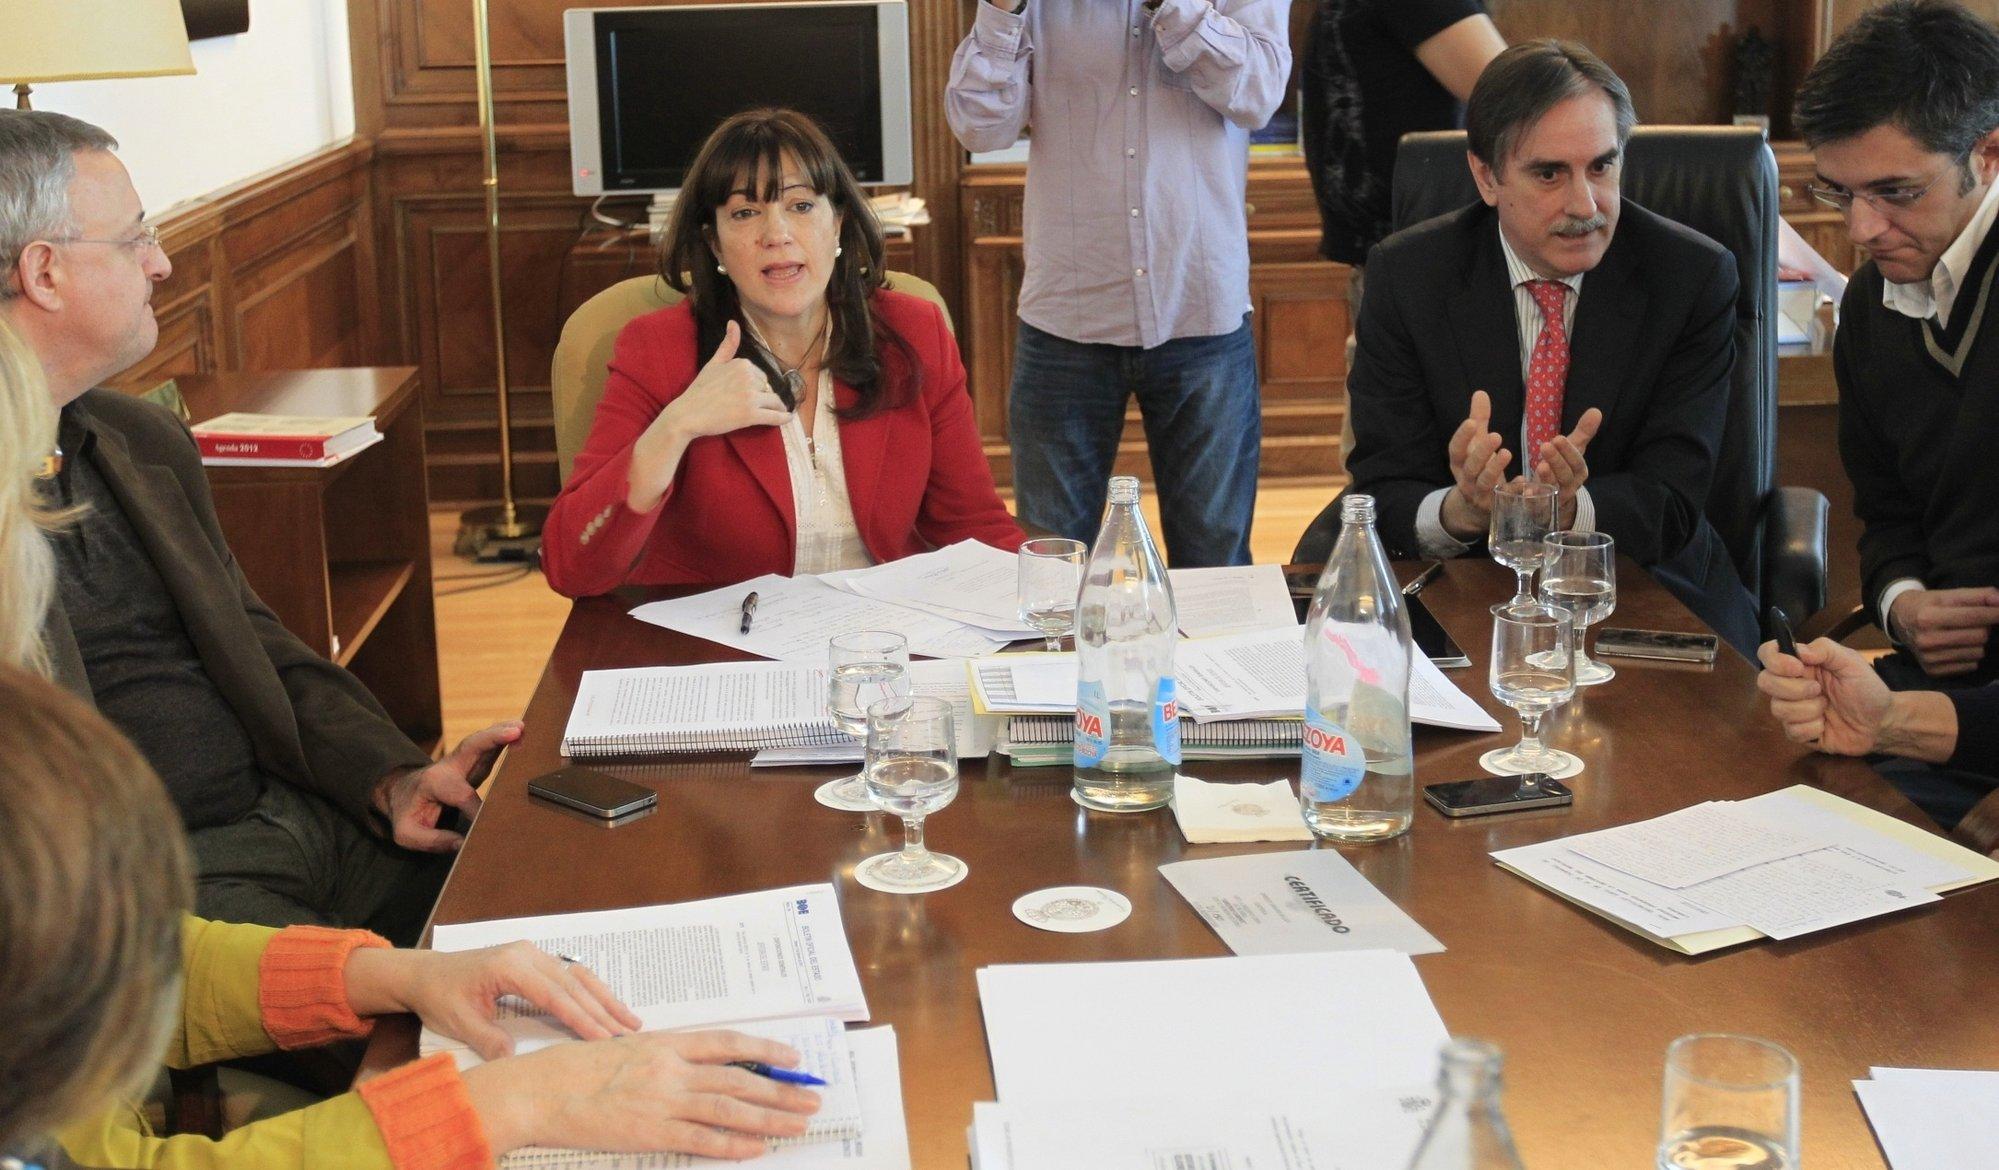 El PSOE pide investigar los excesos policiales en Valencia y depurar responsabilidades